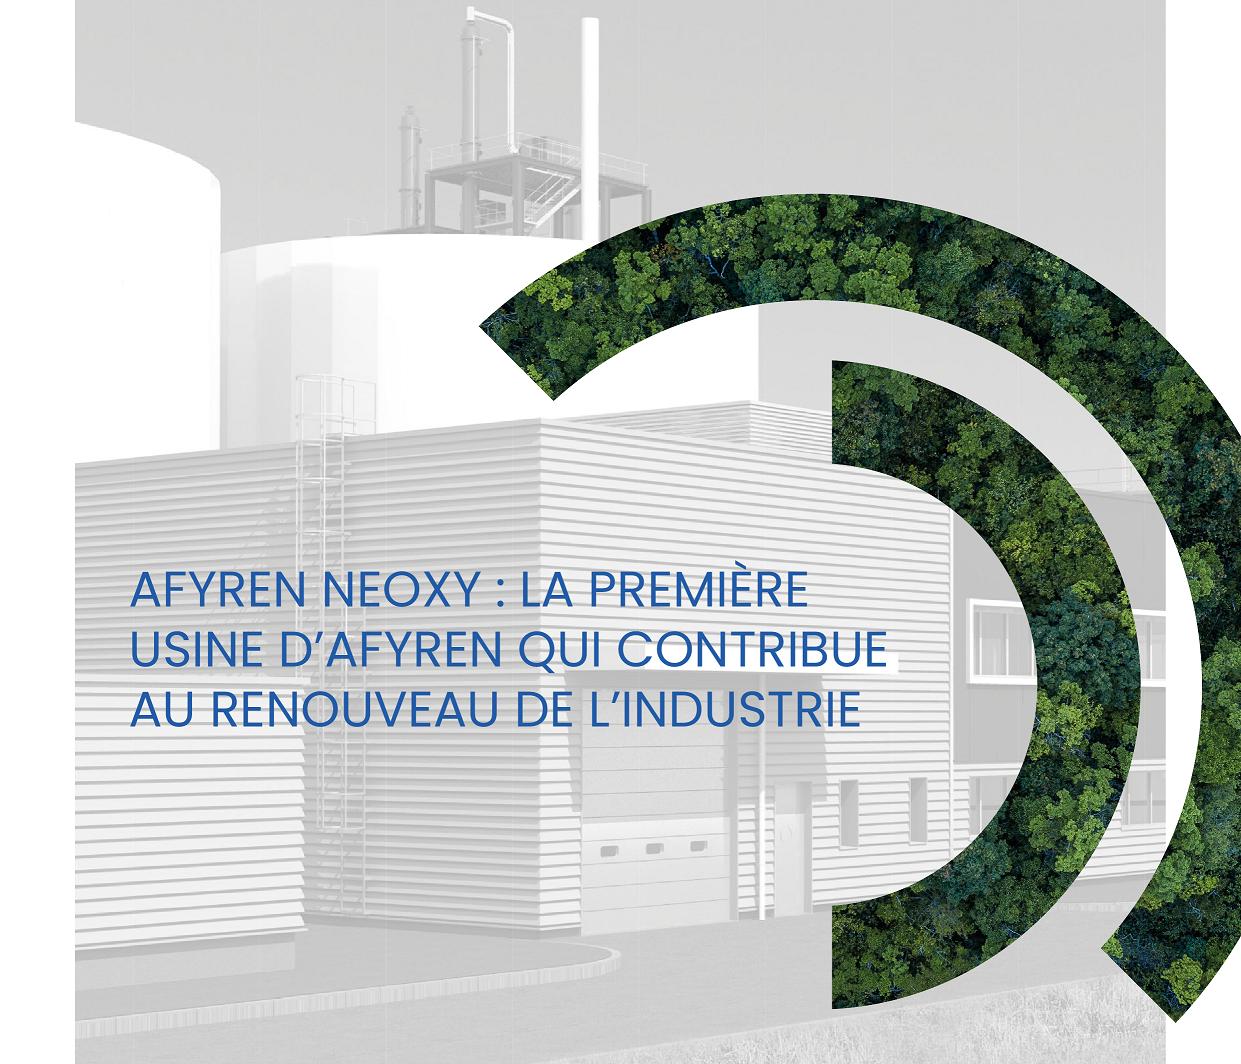 AFYREN lance la construction de sa 1ère usine AFYREN NEOXY dans la Région Grand Est